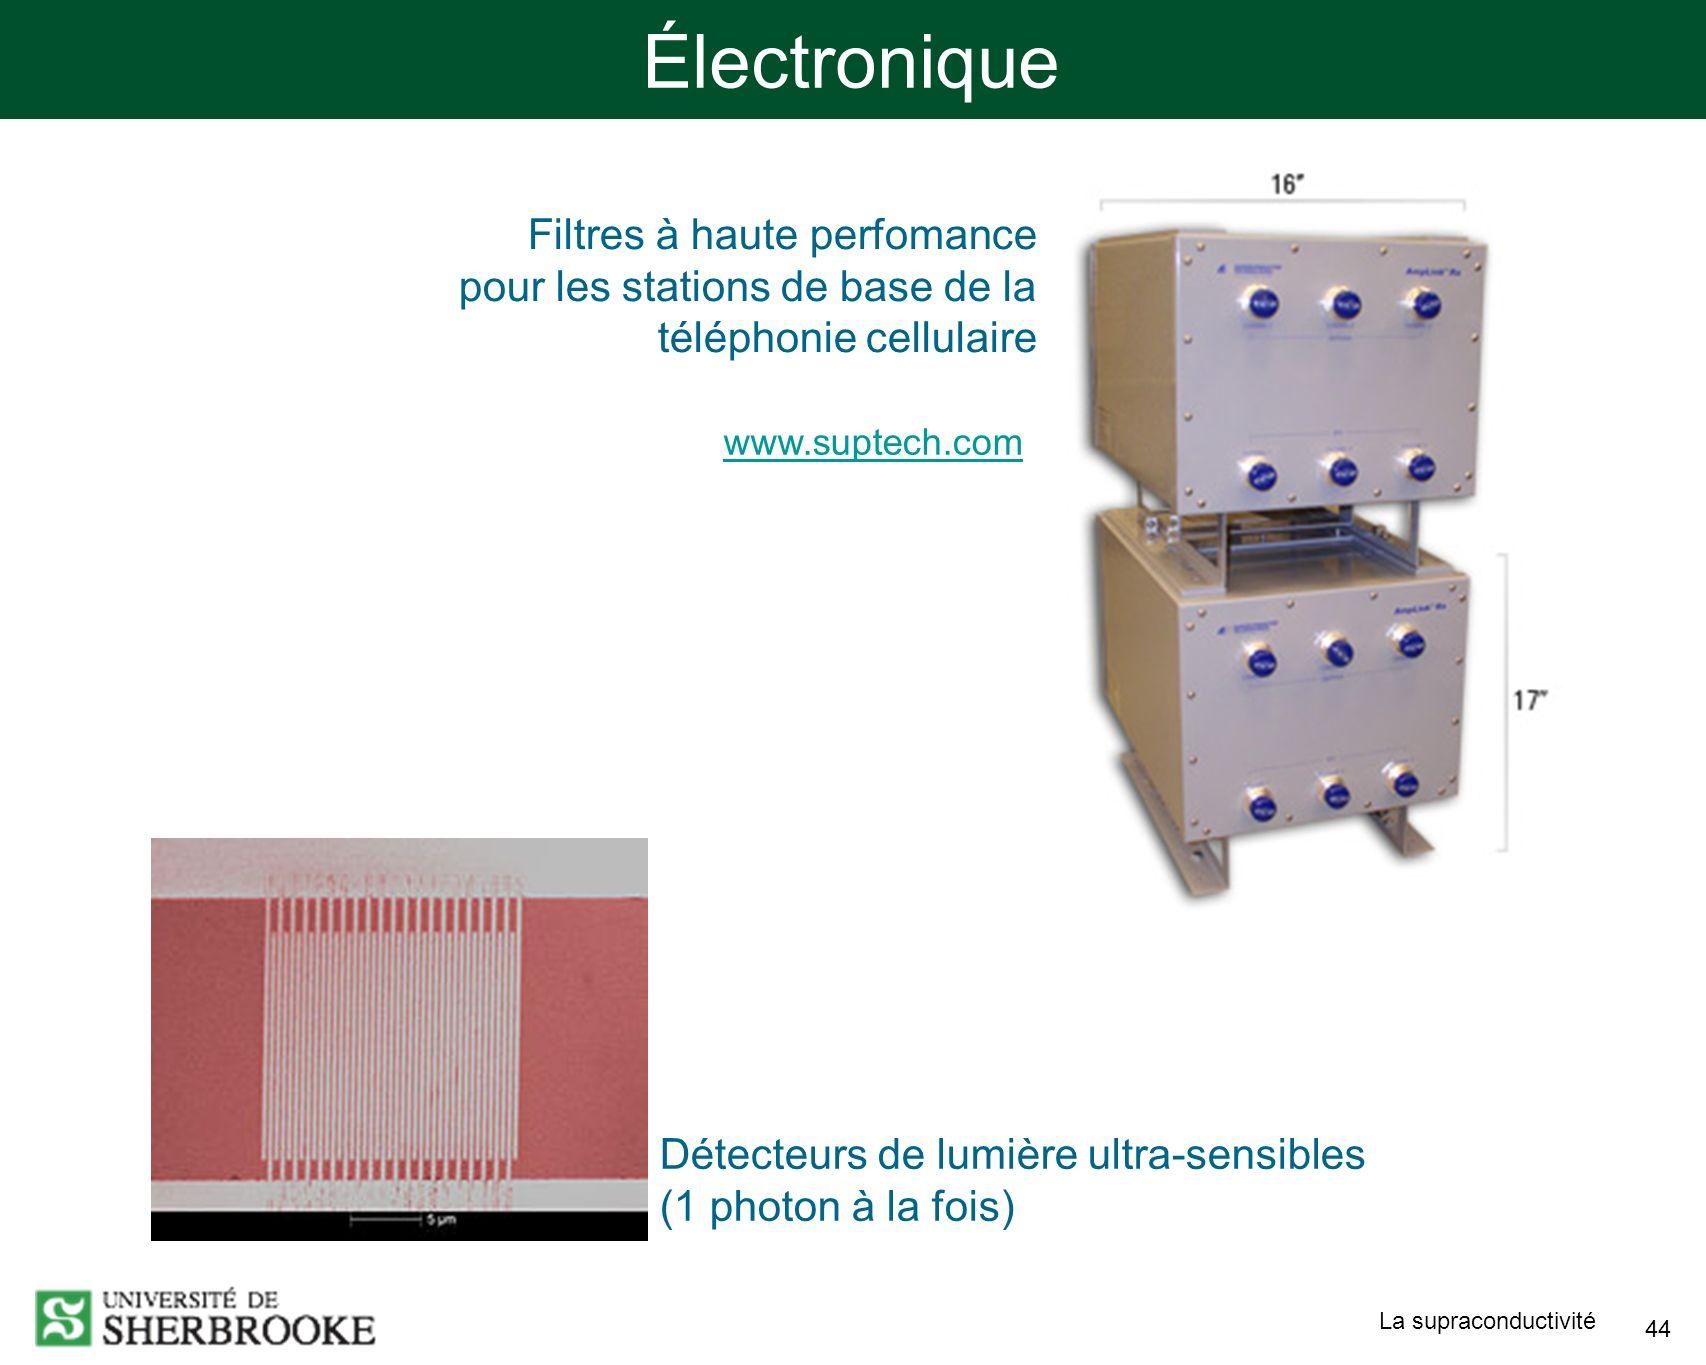 La supraconductivité 44 Électronique www.suptech.com Filtres à haute perfomance pour les stations de base de la téléphonie cellulaire Détecteurs de lu